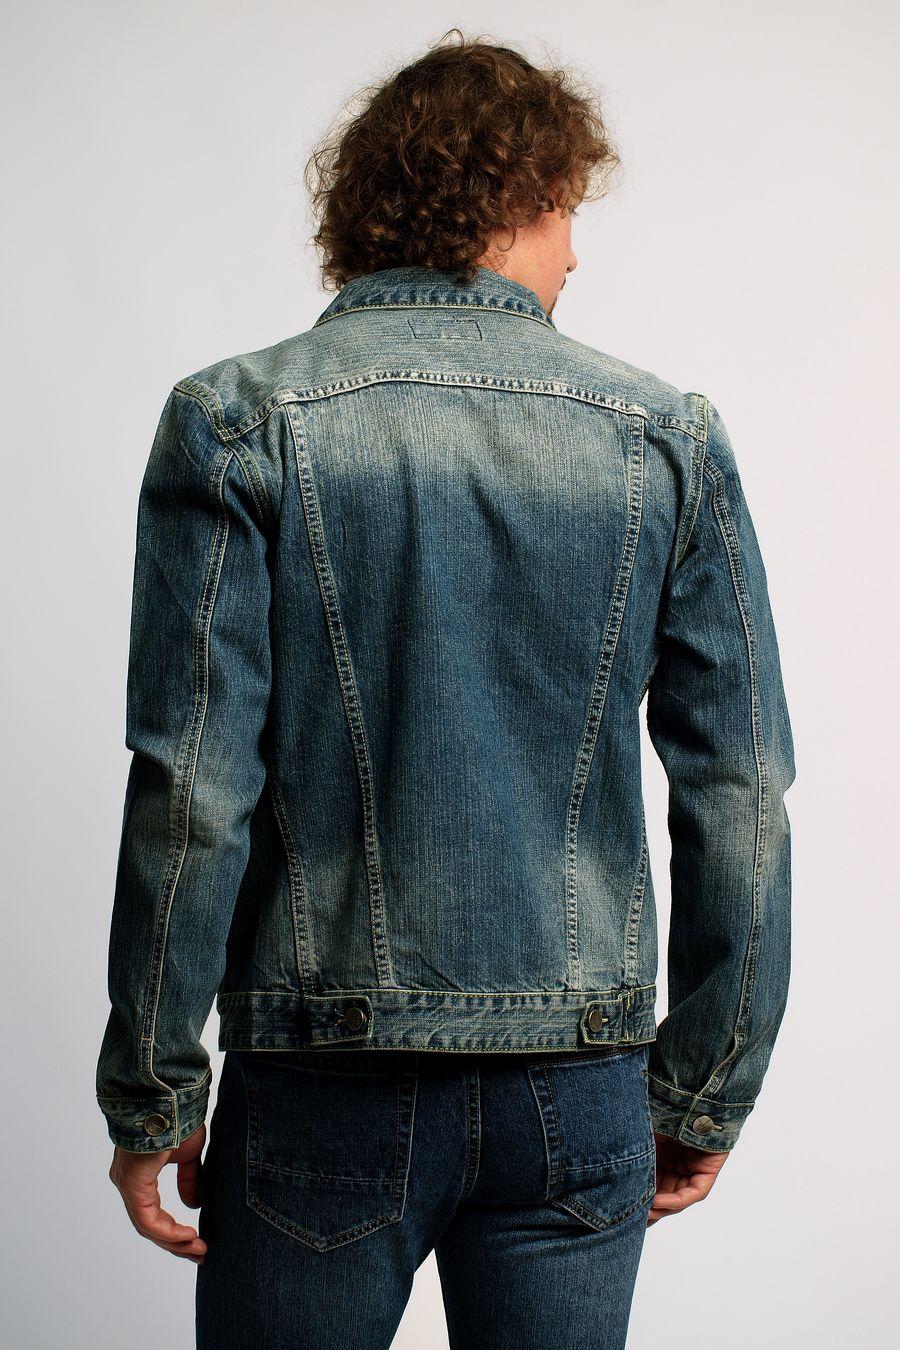 Пиджак мужской (джинсовка) Regass 87168/05 - фото 2